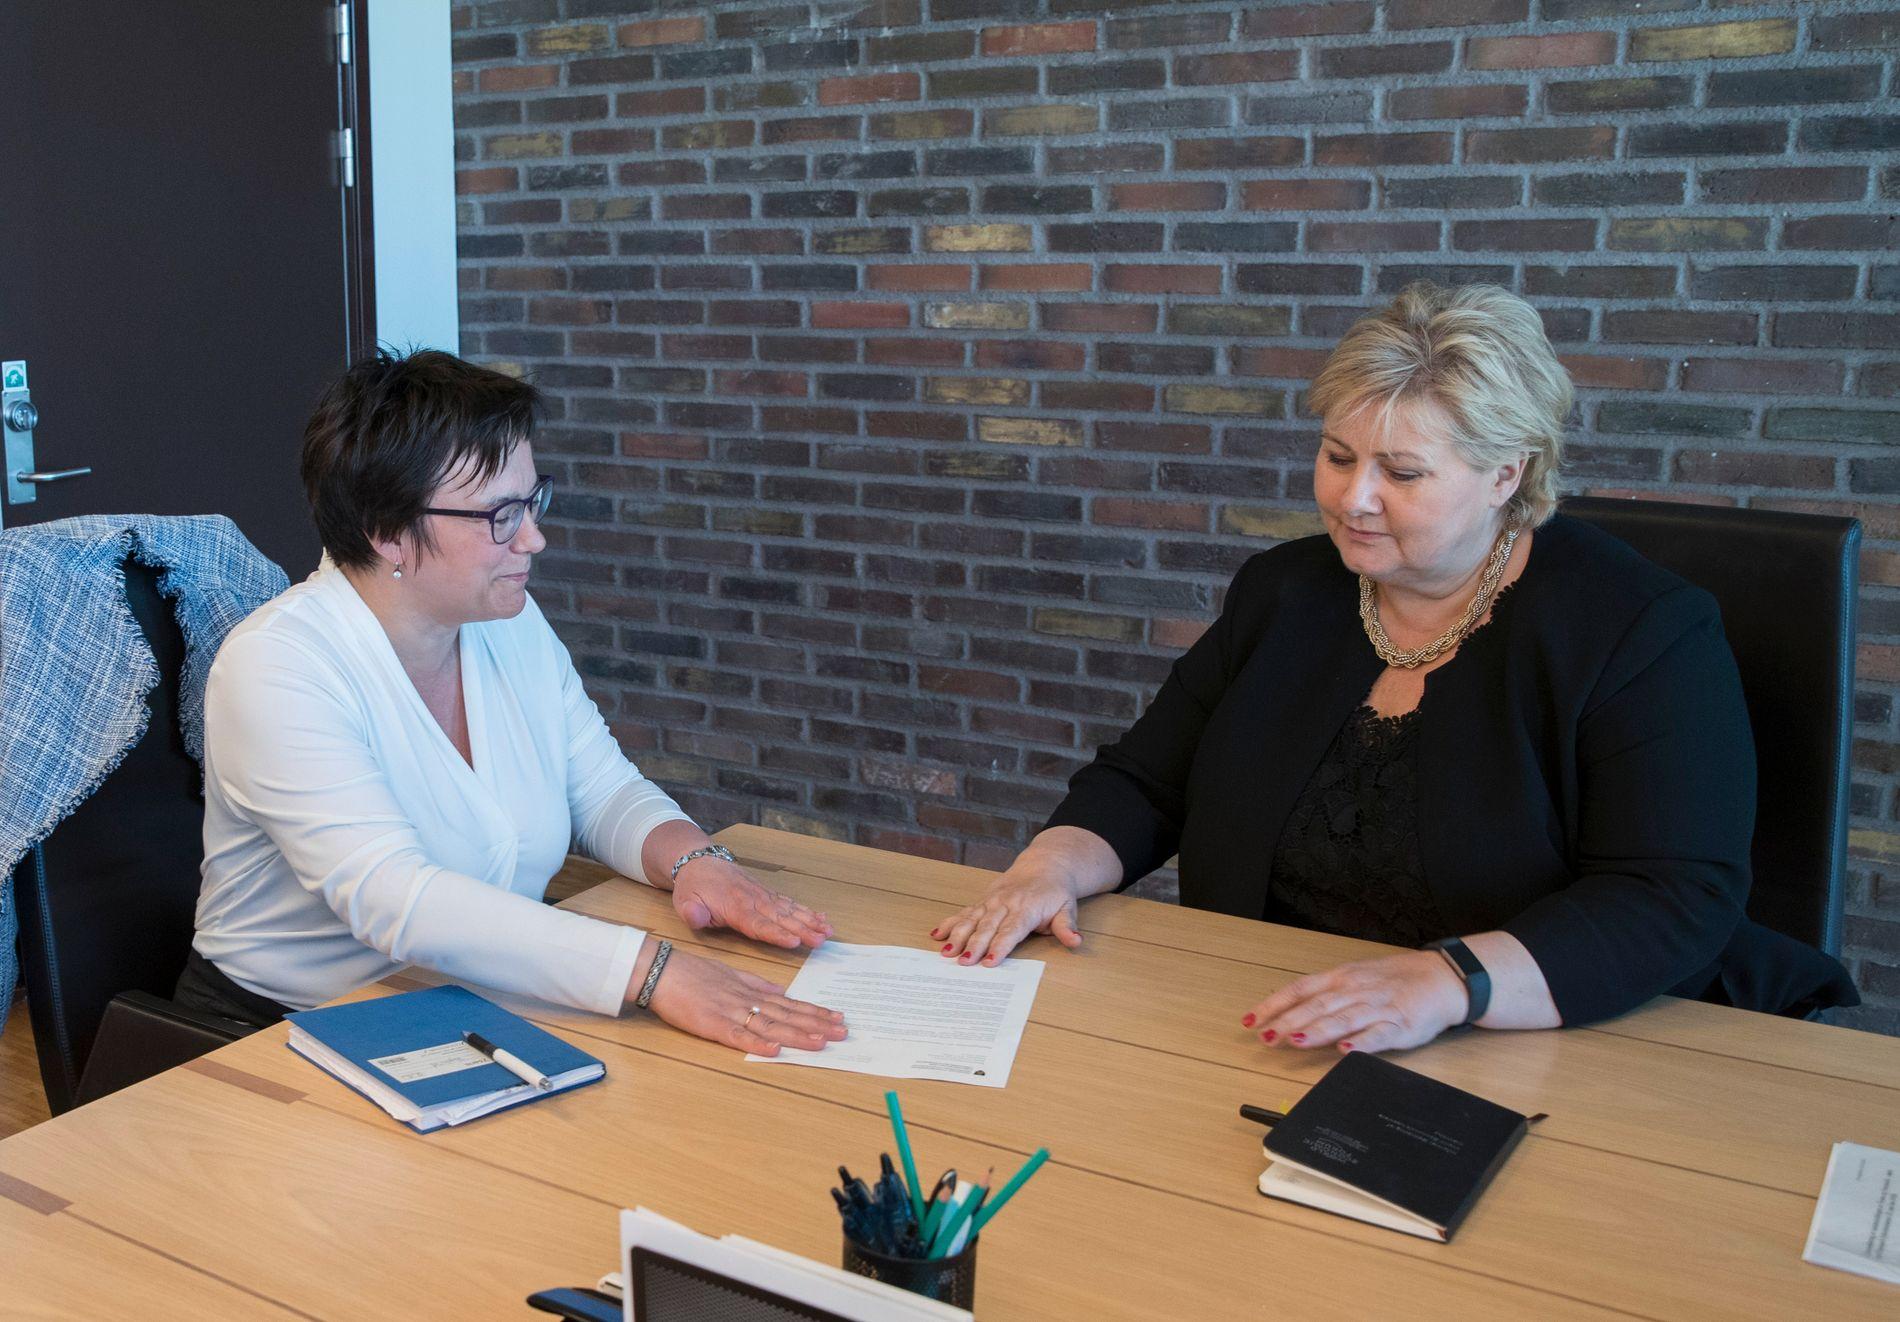 MØTTES I MAI: Finnmarks fylkesordfører Ragnhild Vassvik (Ap) (t.v.) oppsøkte i mai statsminister Erna Solberg (H) for å legge fram resultatet av folkeavstemningen.